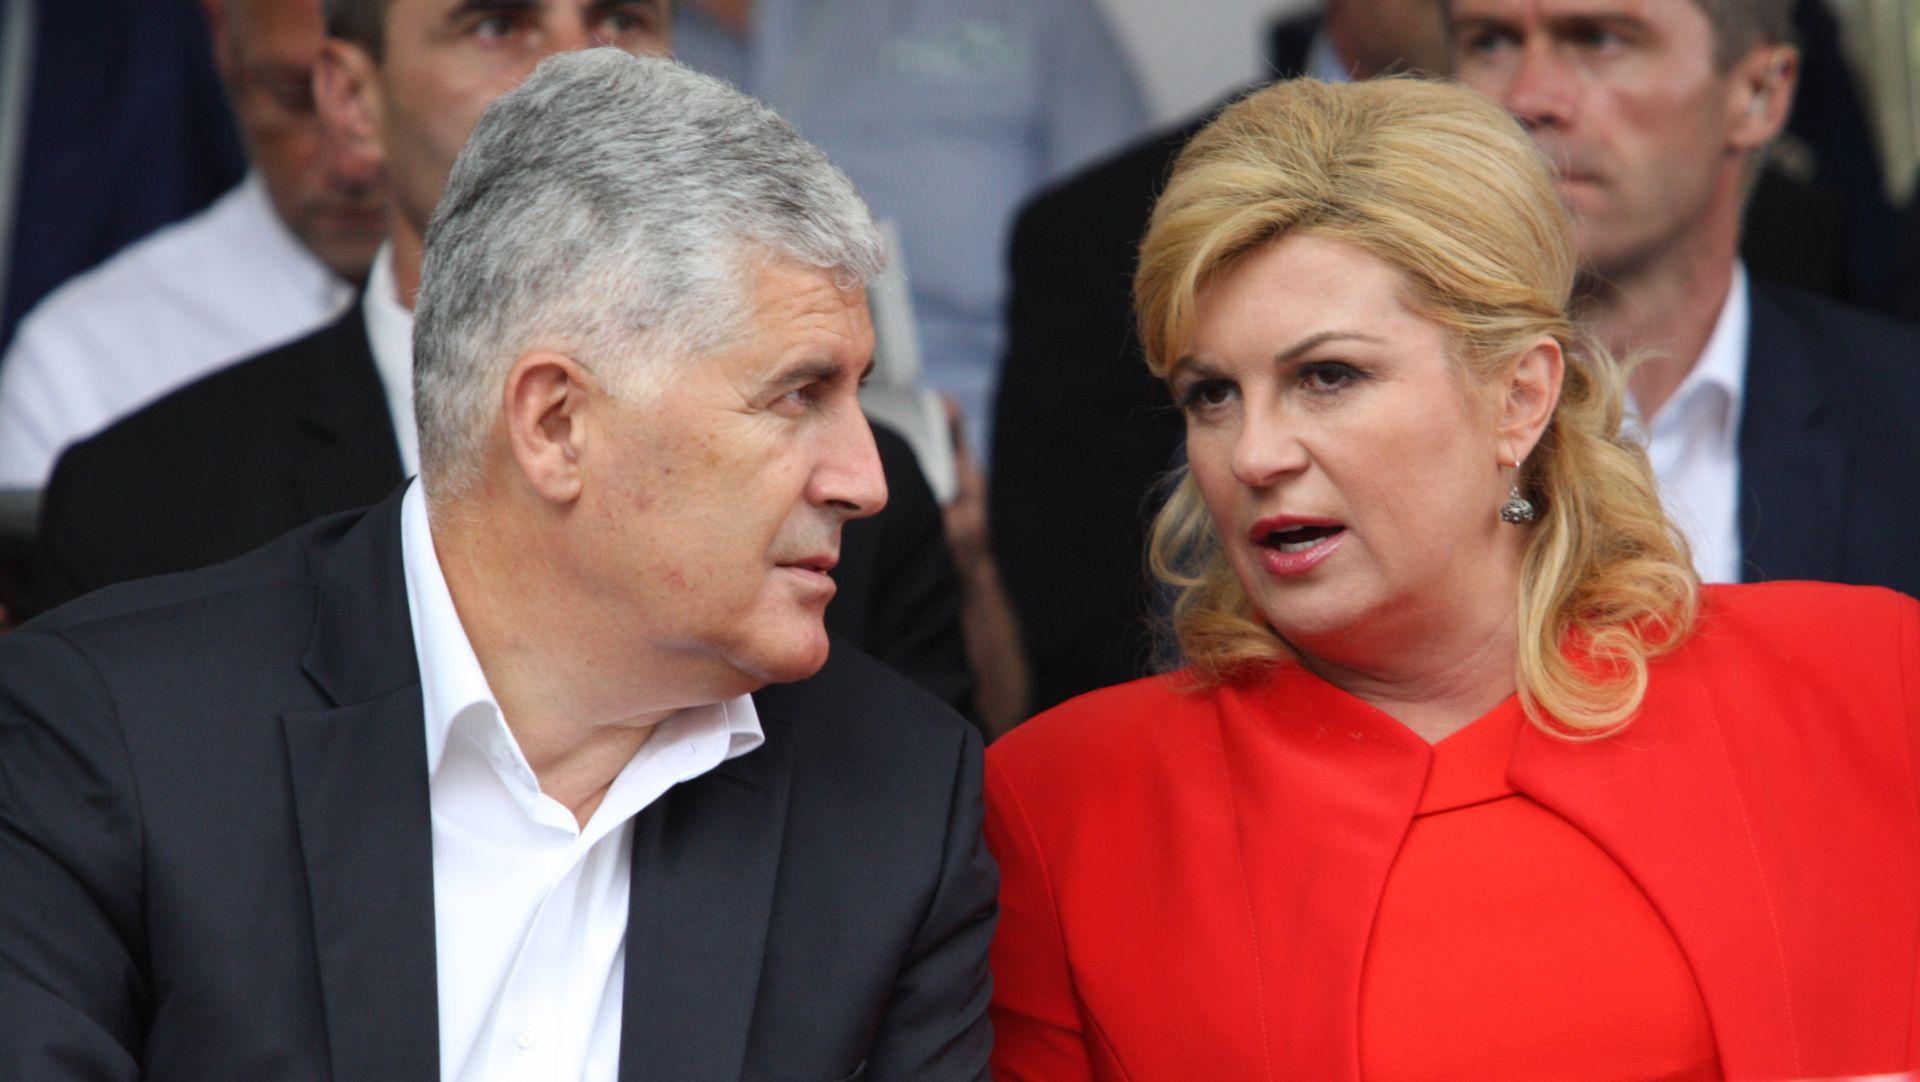 """GRABAR KITAROVIĆ Pravosudna tijela trebaju rješavati pitanje pozdrava """"Za dom spremni"""""""